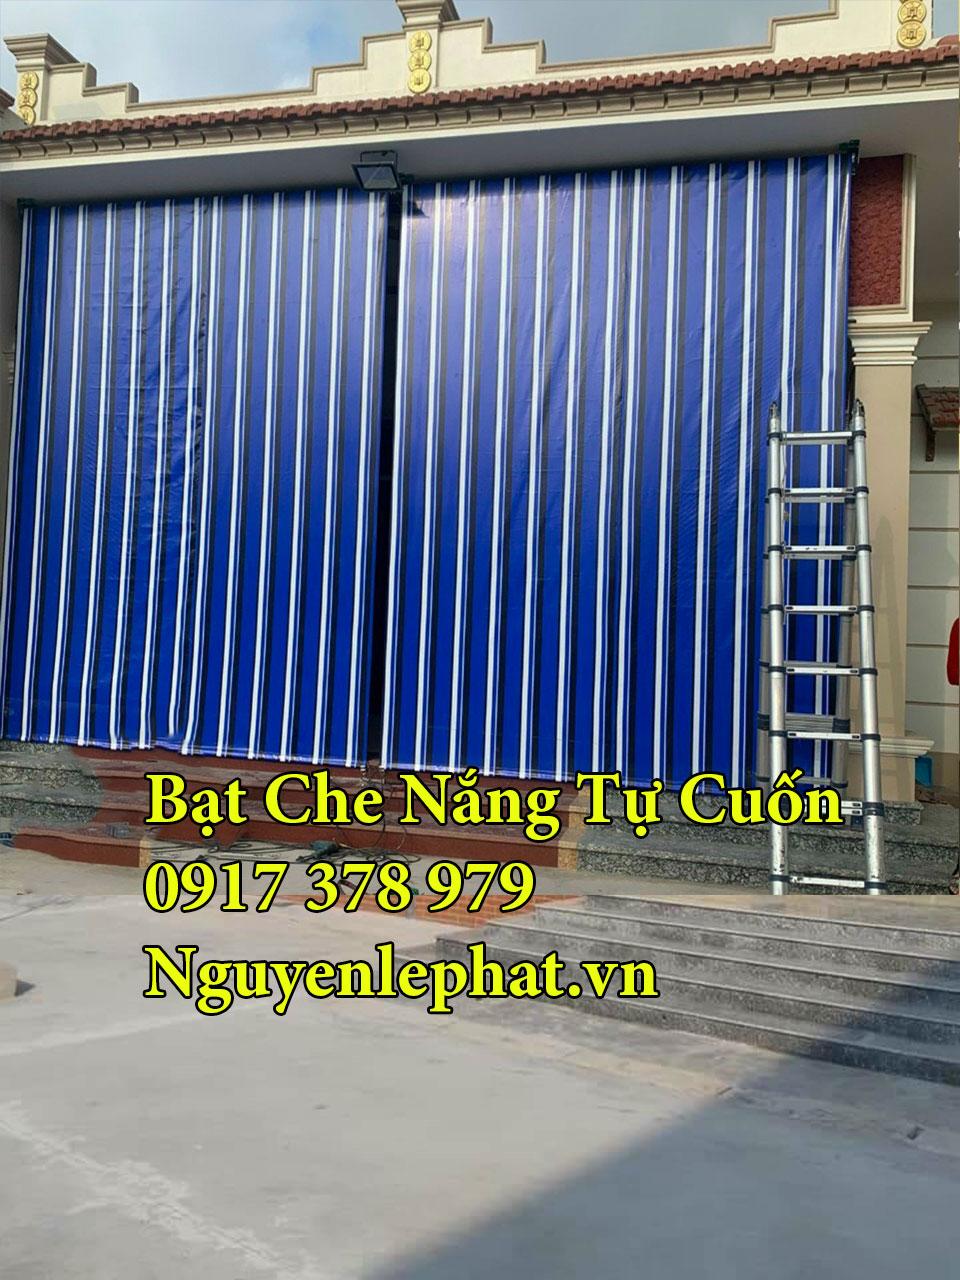 Giá bạt che nắng mưa tự cuốn mới nhất hiện nay tại Sài Gòn